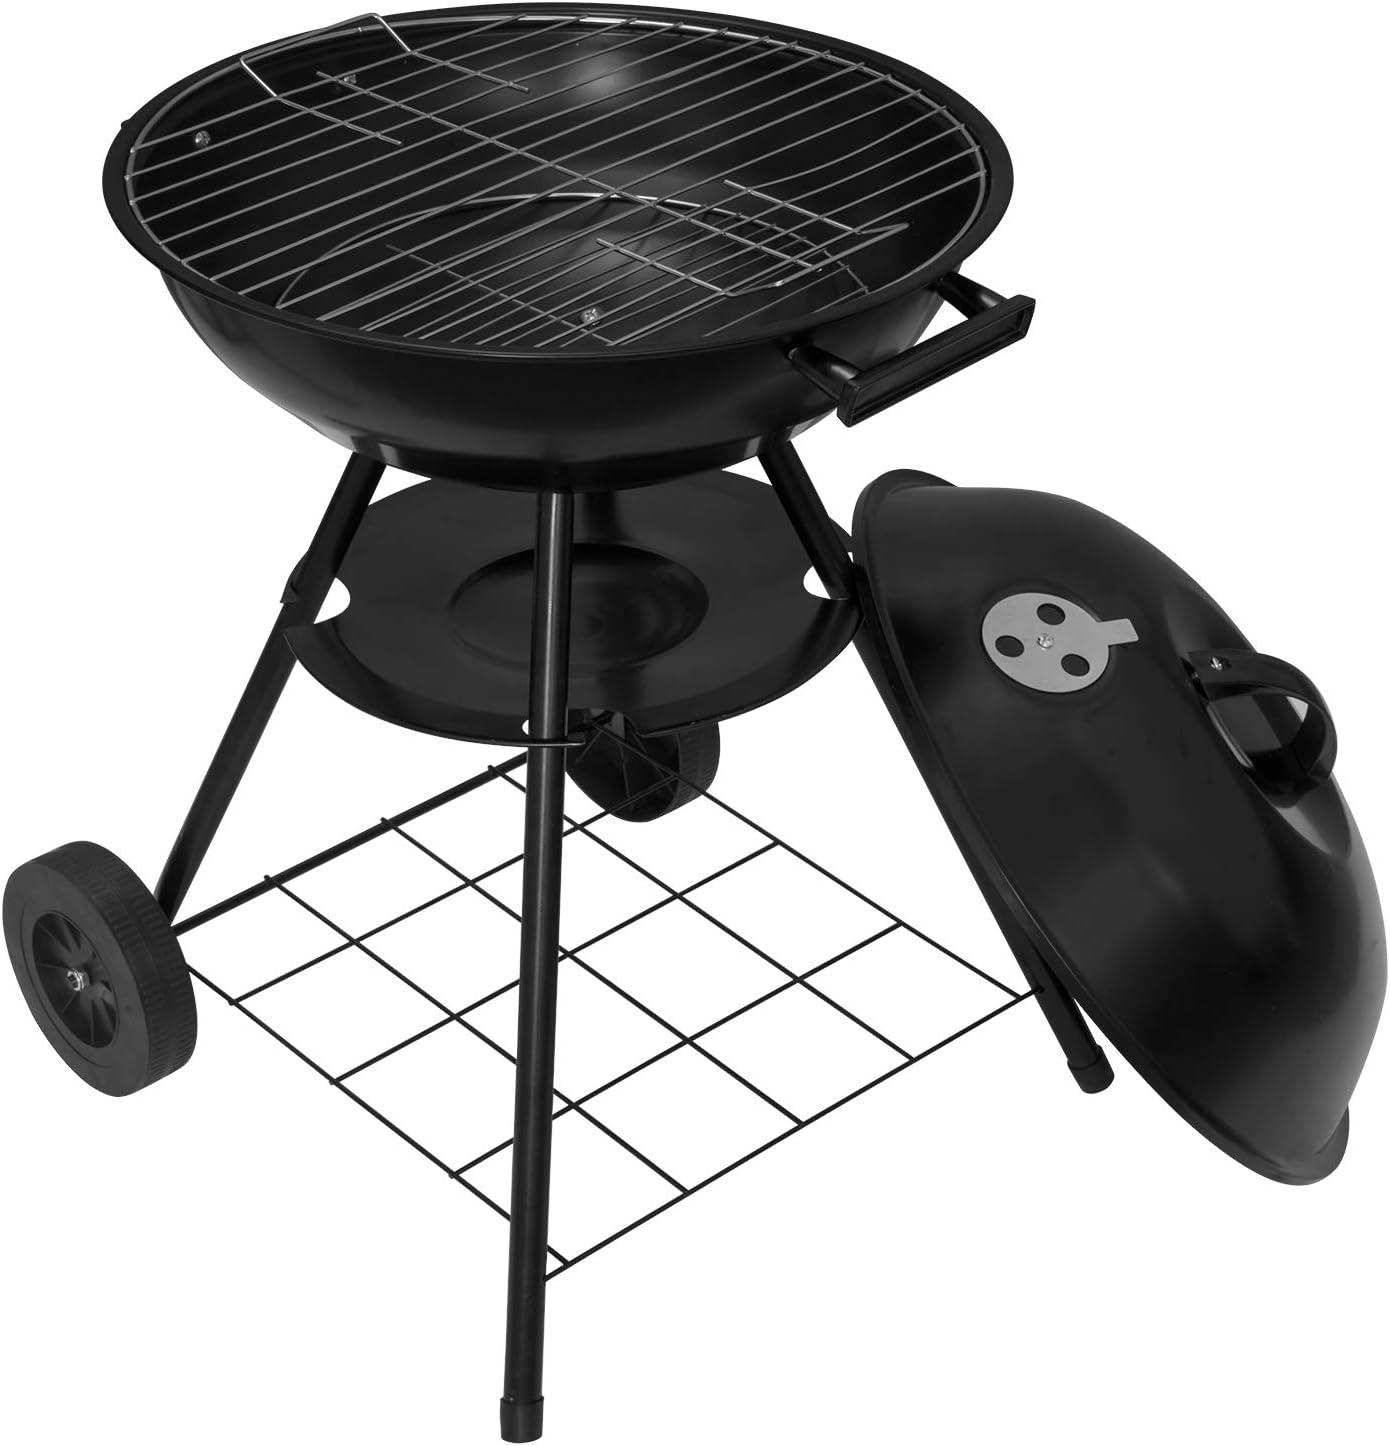 73CM Barbecue Grill f/ür Garten Camping Schwarz WOLTU CPZ8134sz Holzkohlegrill Holzkohle Kugelgrill Standgrill mit R/äder 44